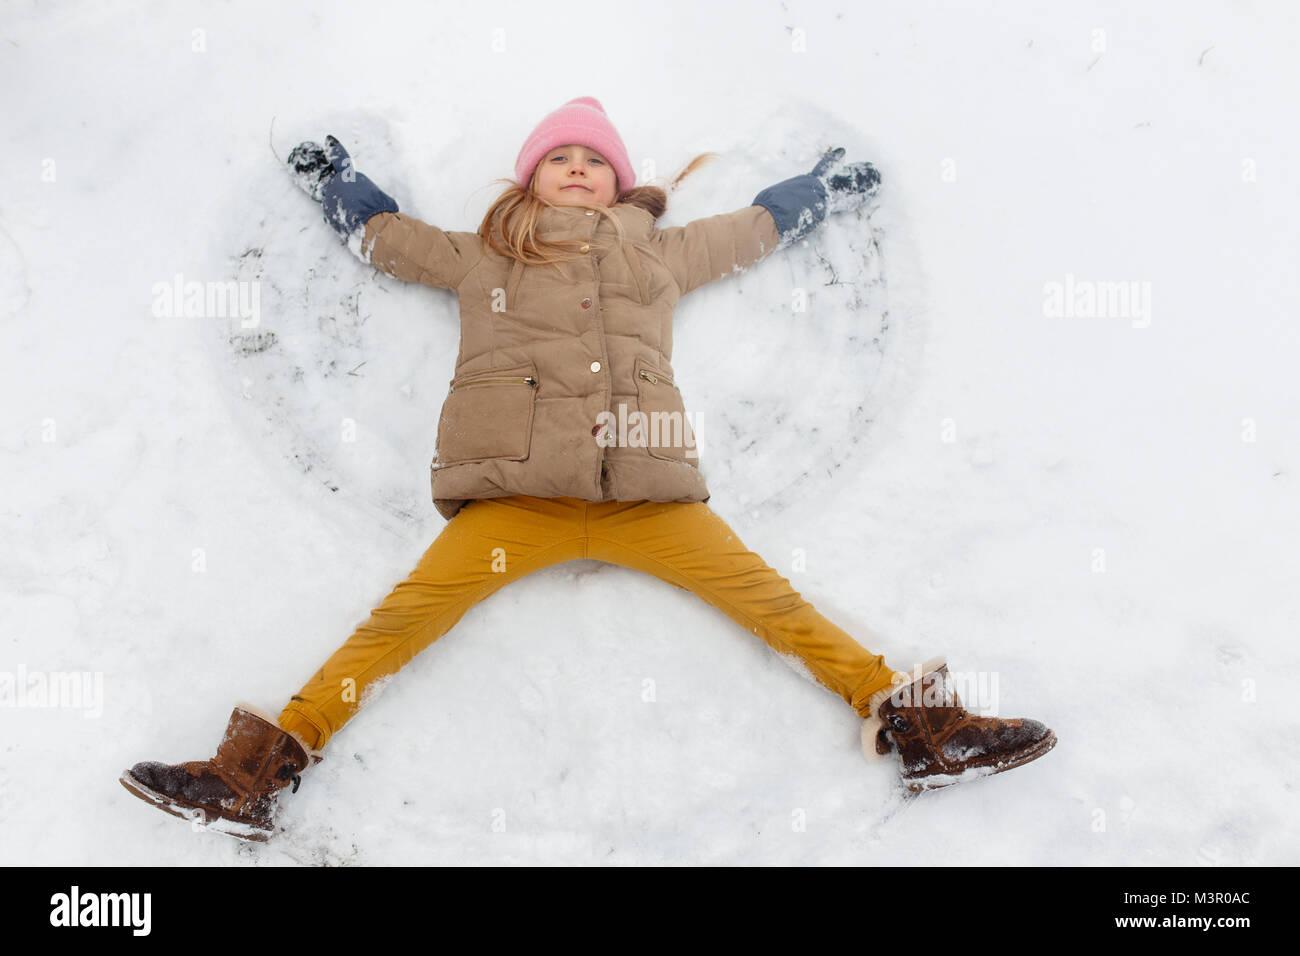 Imagen de chica acostada en la nieve en park Imagen De Stock